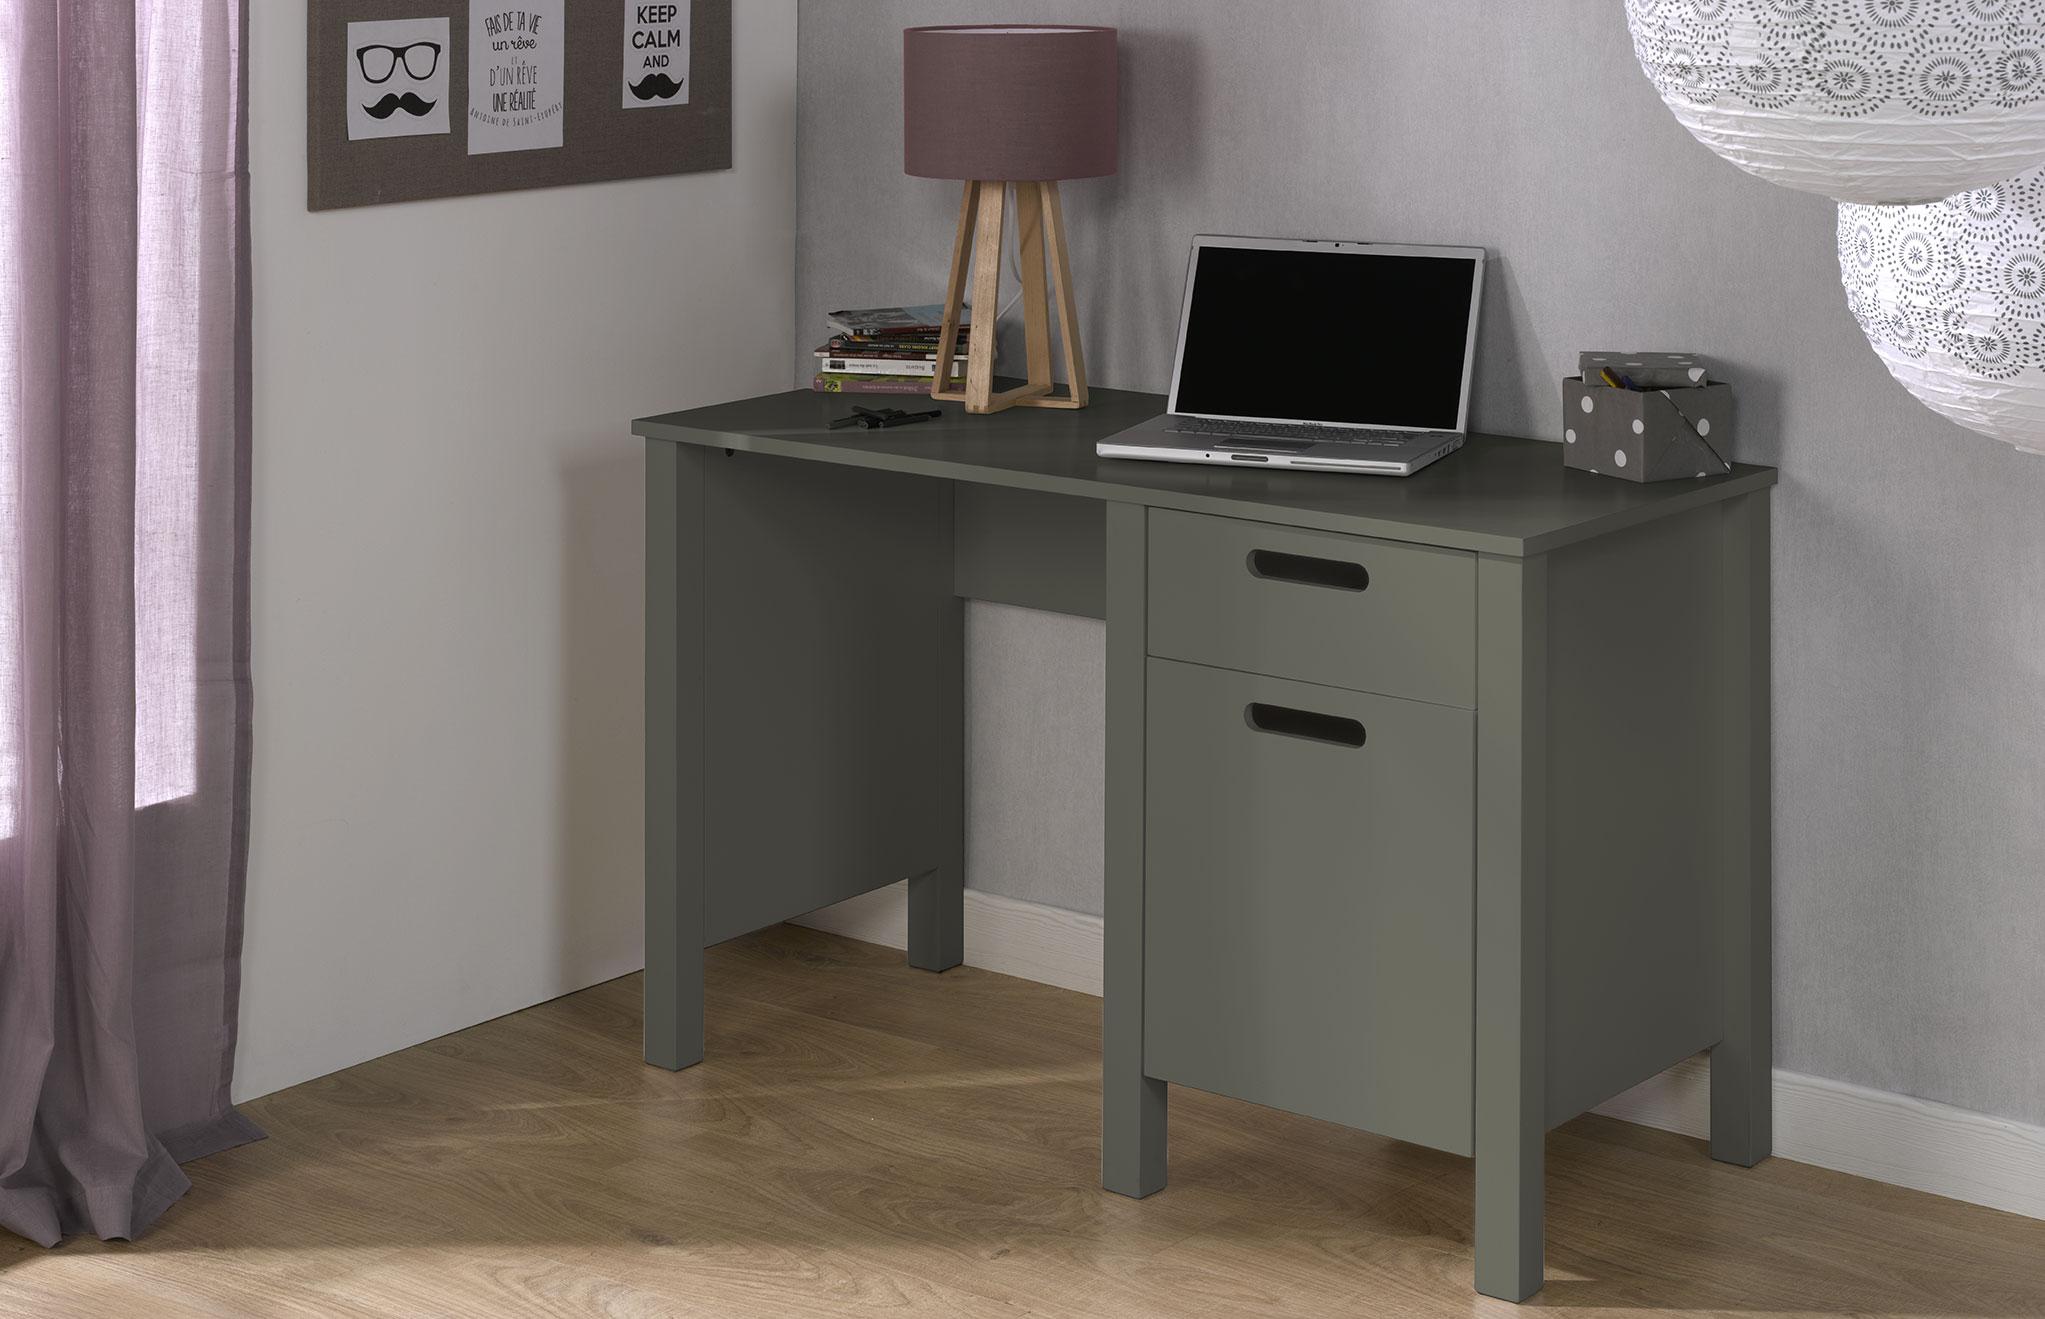 Bureau gris beautiful bureau gris with bureau gris - Bureau gris taupe ...